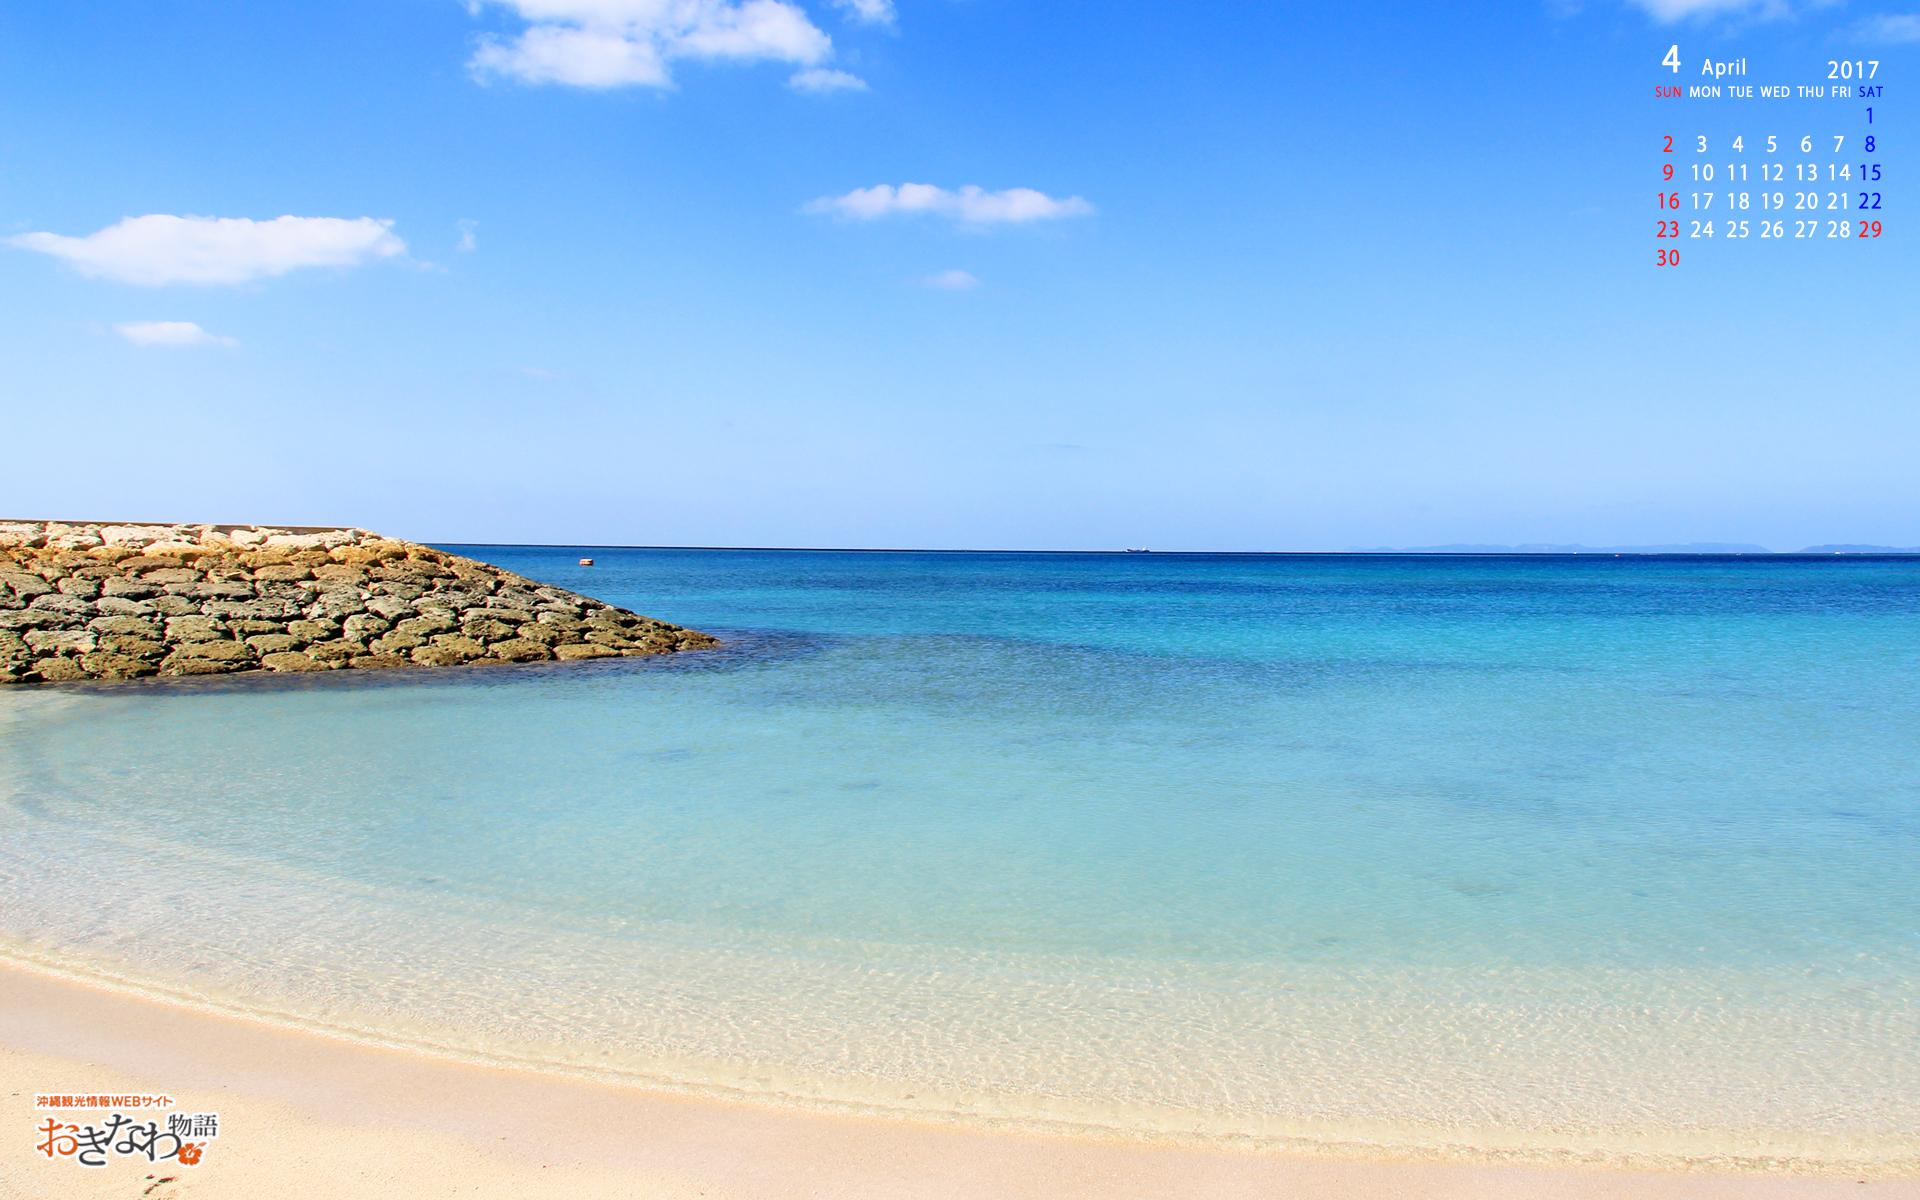 4月の壁紙カレンダー お知らせ トピックス 沖縄観光情報webサイト